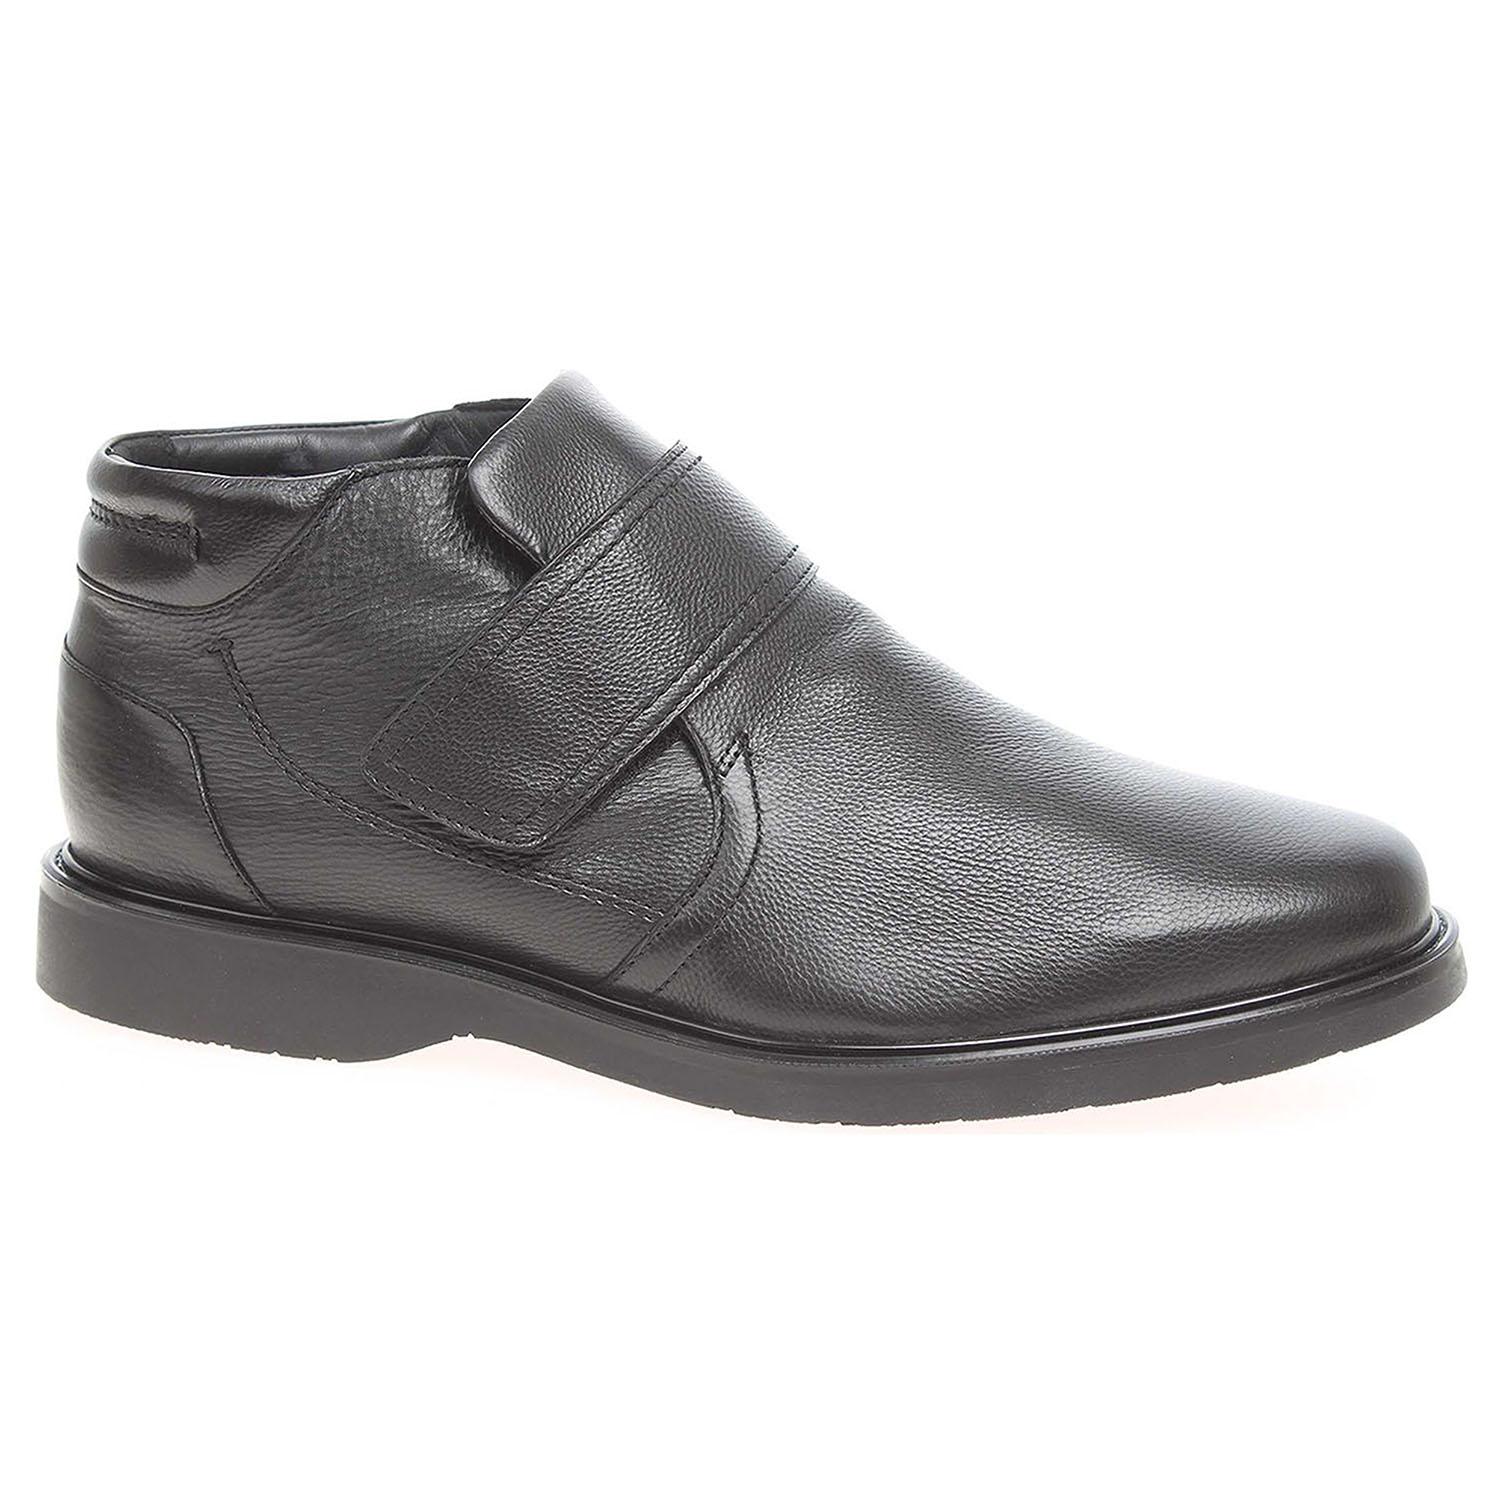 Pánská kotníková obuv Salamander 31-68304-01 černé 31-68304-01 46